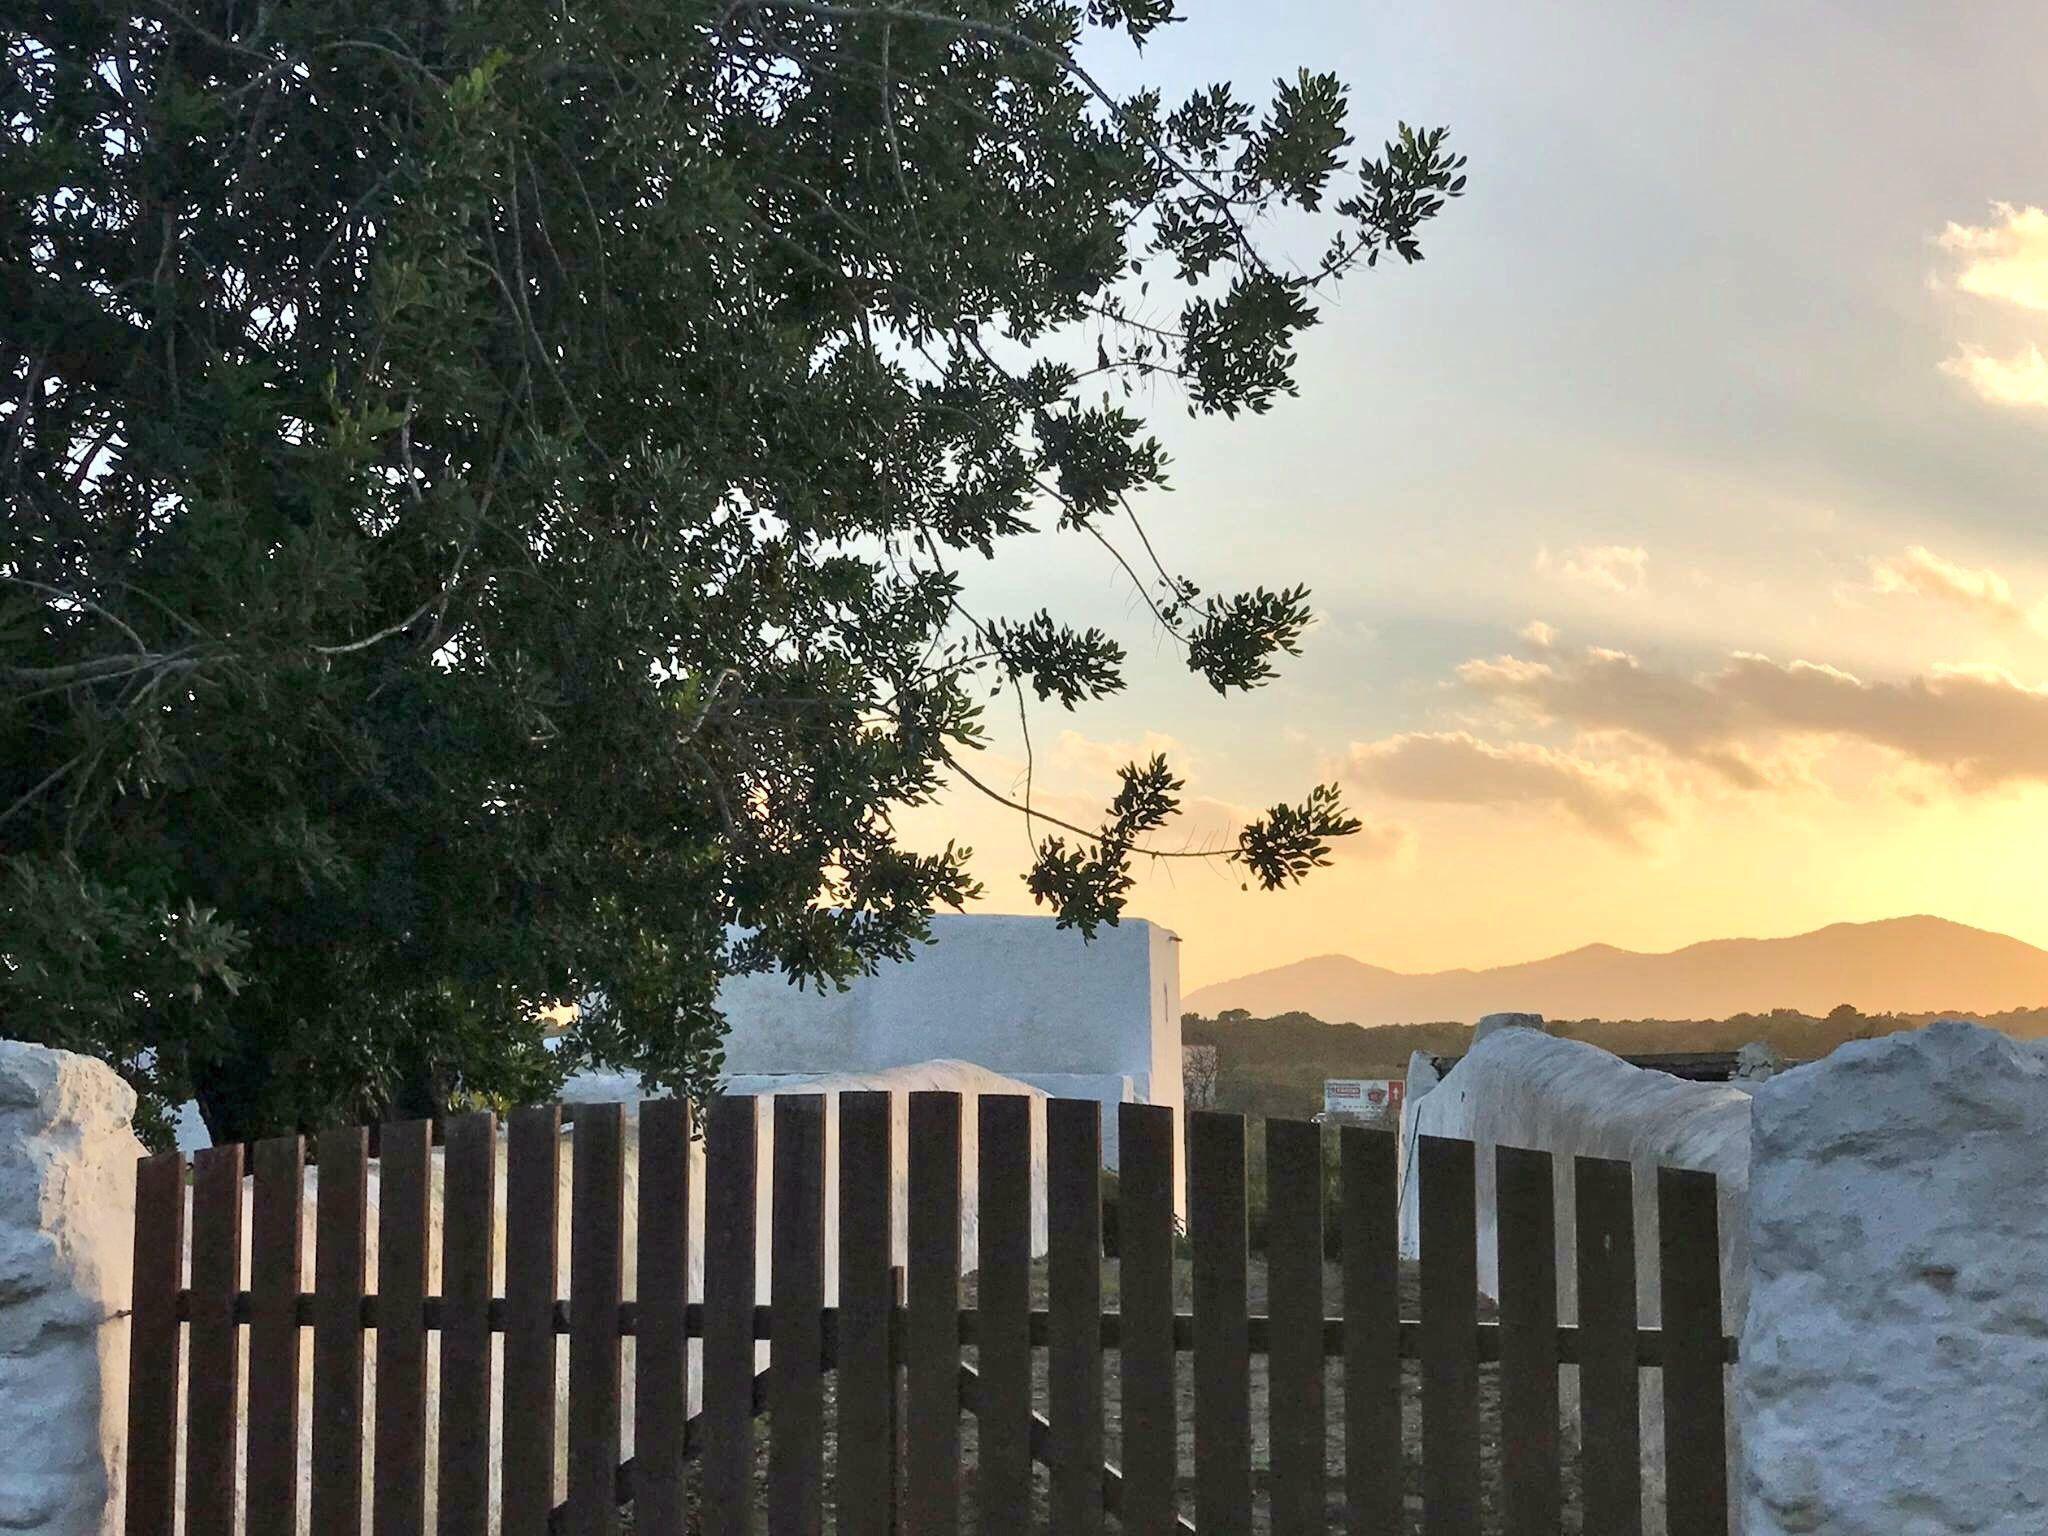 Puerta de entrada al atardecer en una preciosa casa en el interior de Ibiza. Feliz semana Door to the sunset in a beautiful Ibiza's countryside house. Happy week